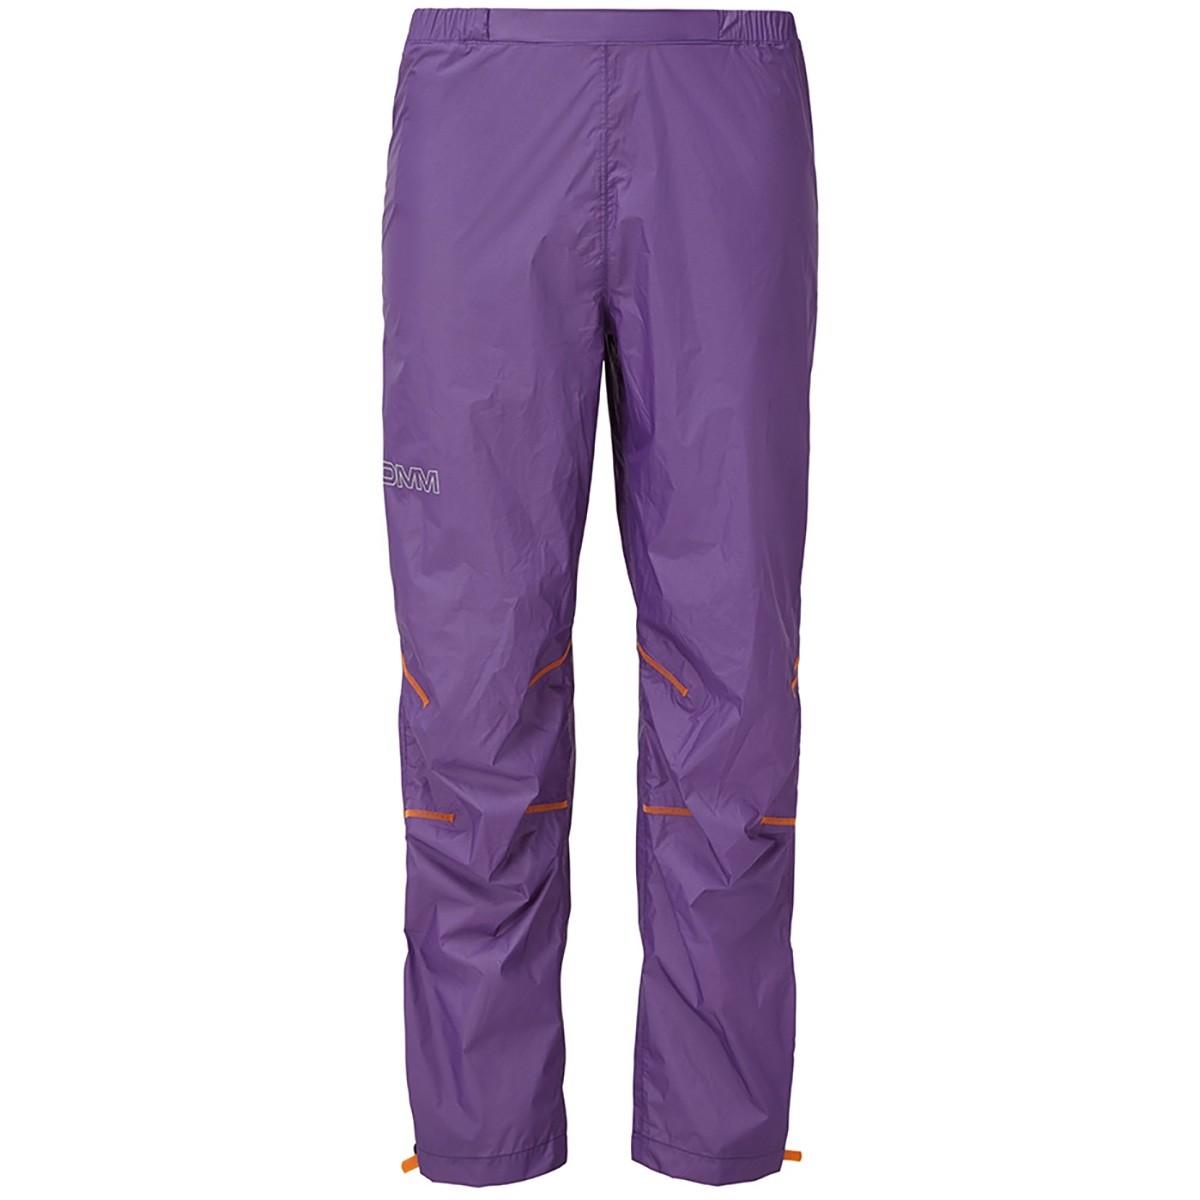 OMM Halo Women's Waterproof Pants - Purple